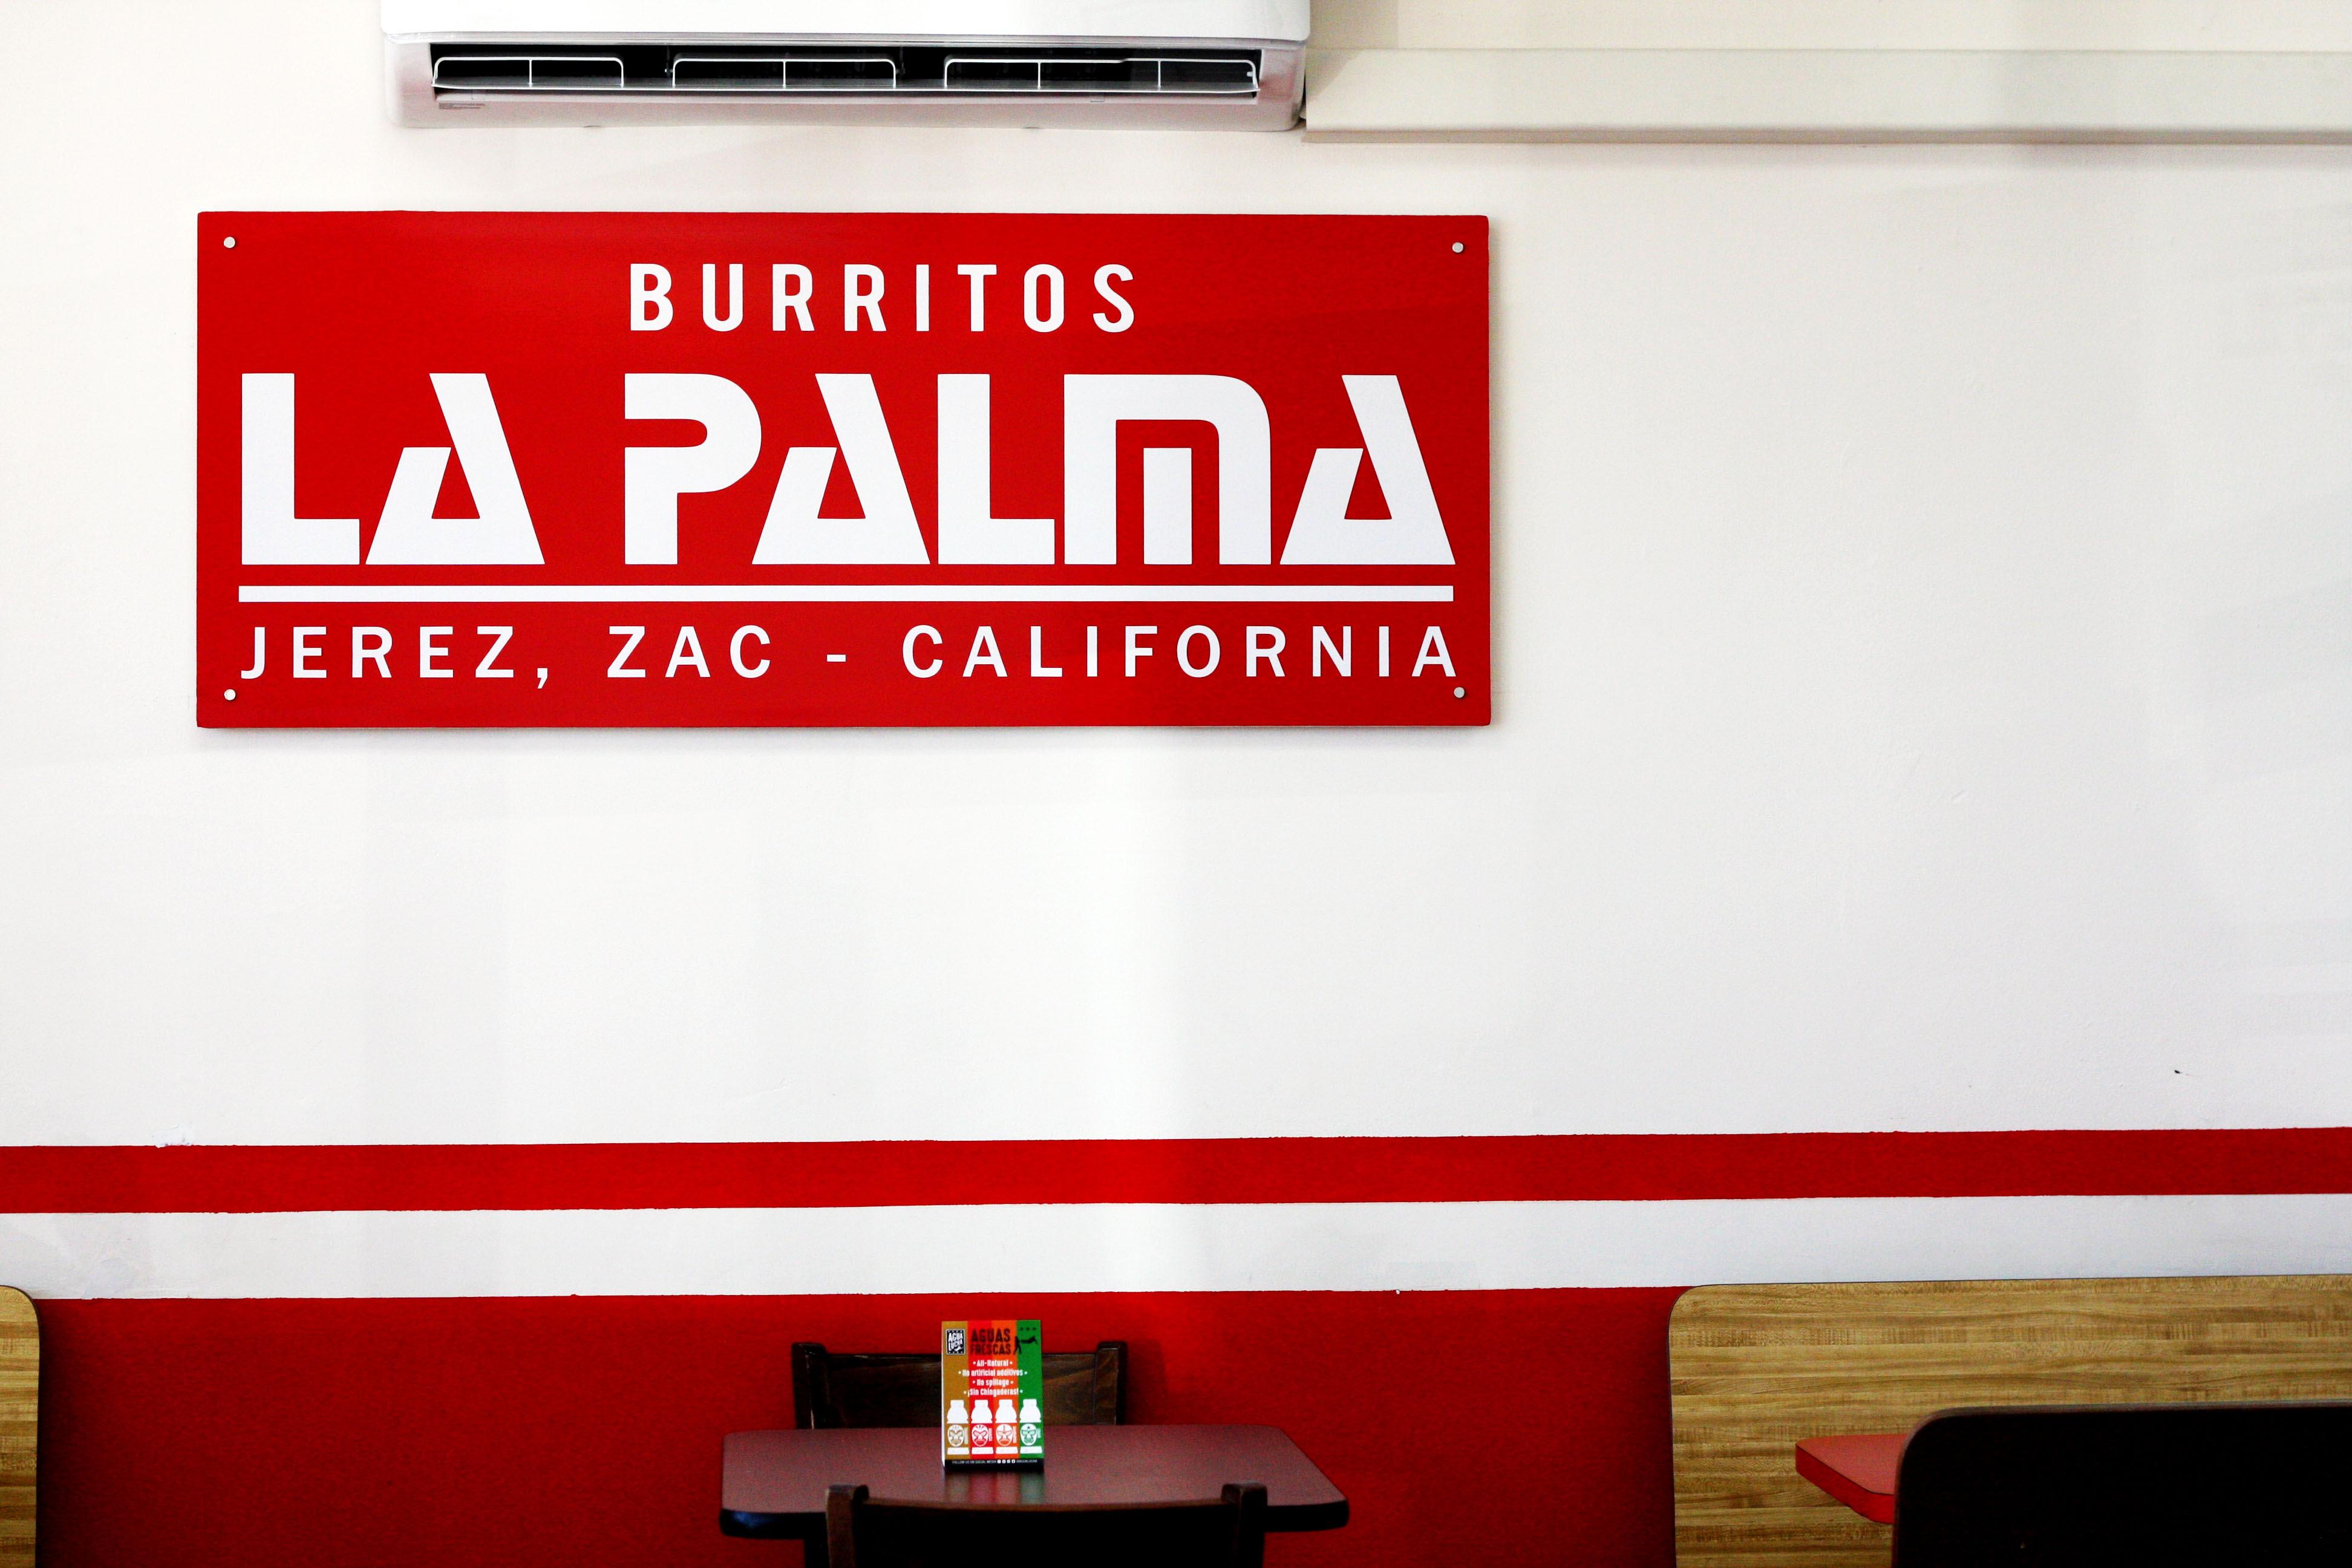 La Palma Burritos Santa Ana